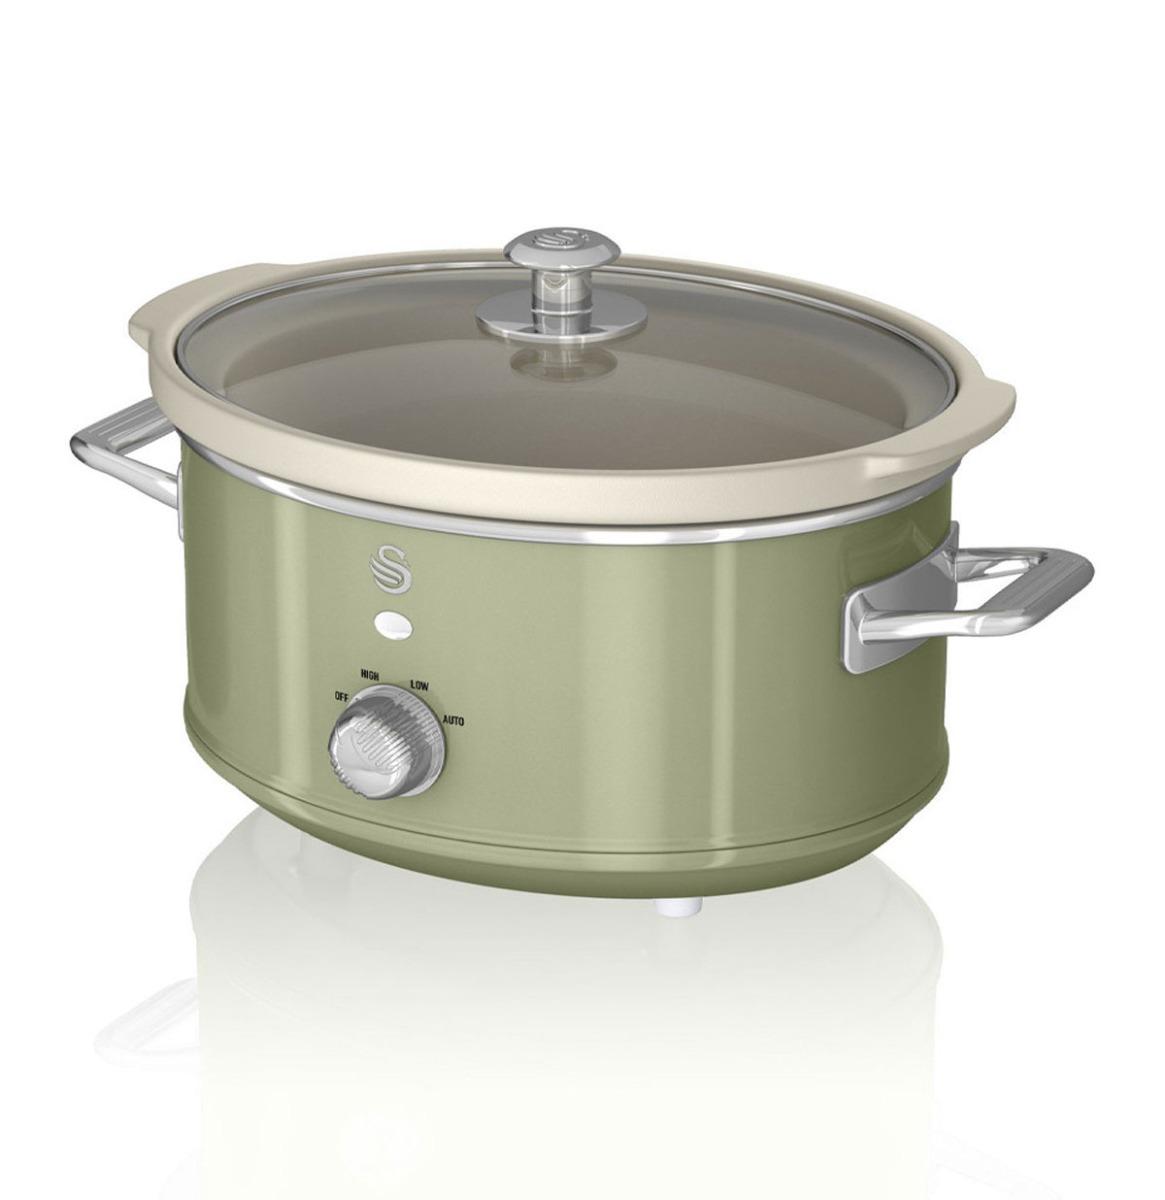 Swan Retro Slow Cooker - 3.5 Liter - Groen